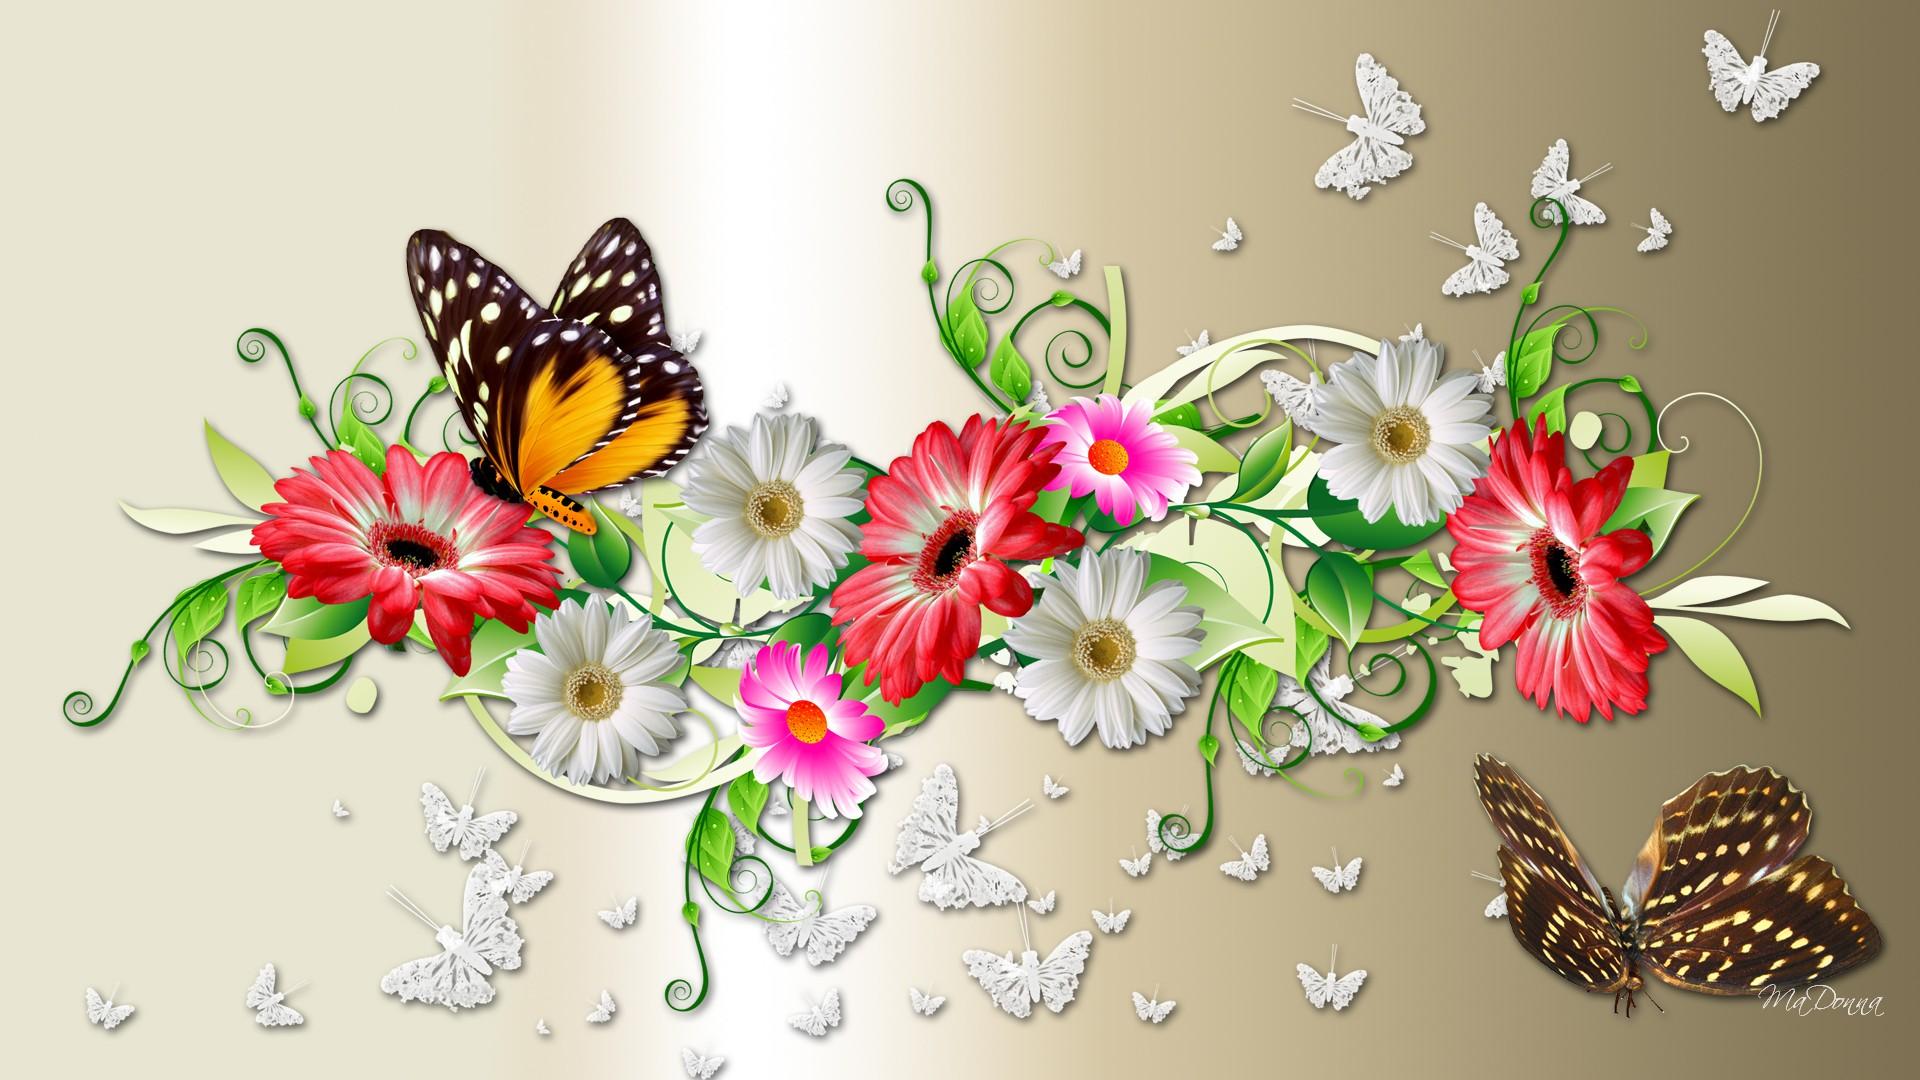 45 units of Butterflies Wallpaper